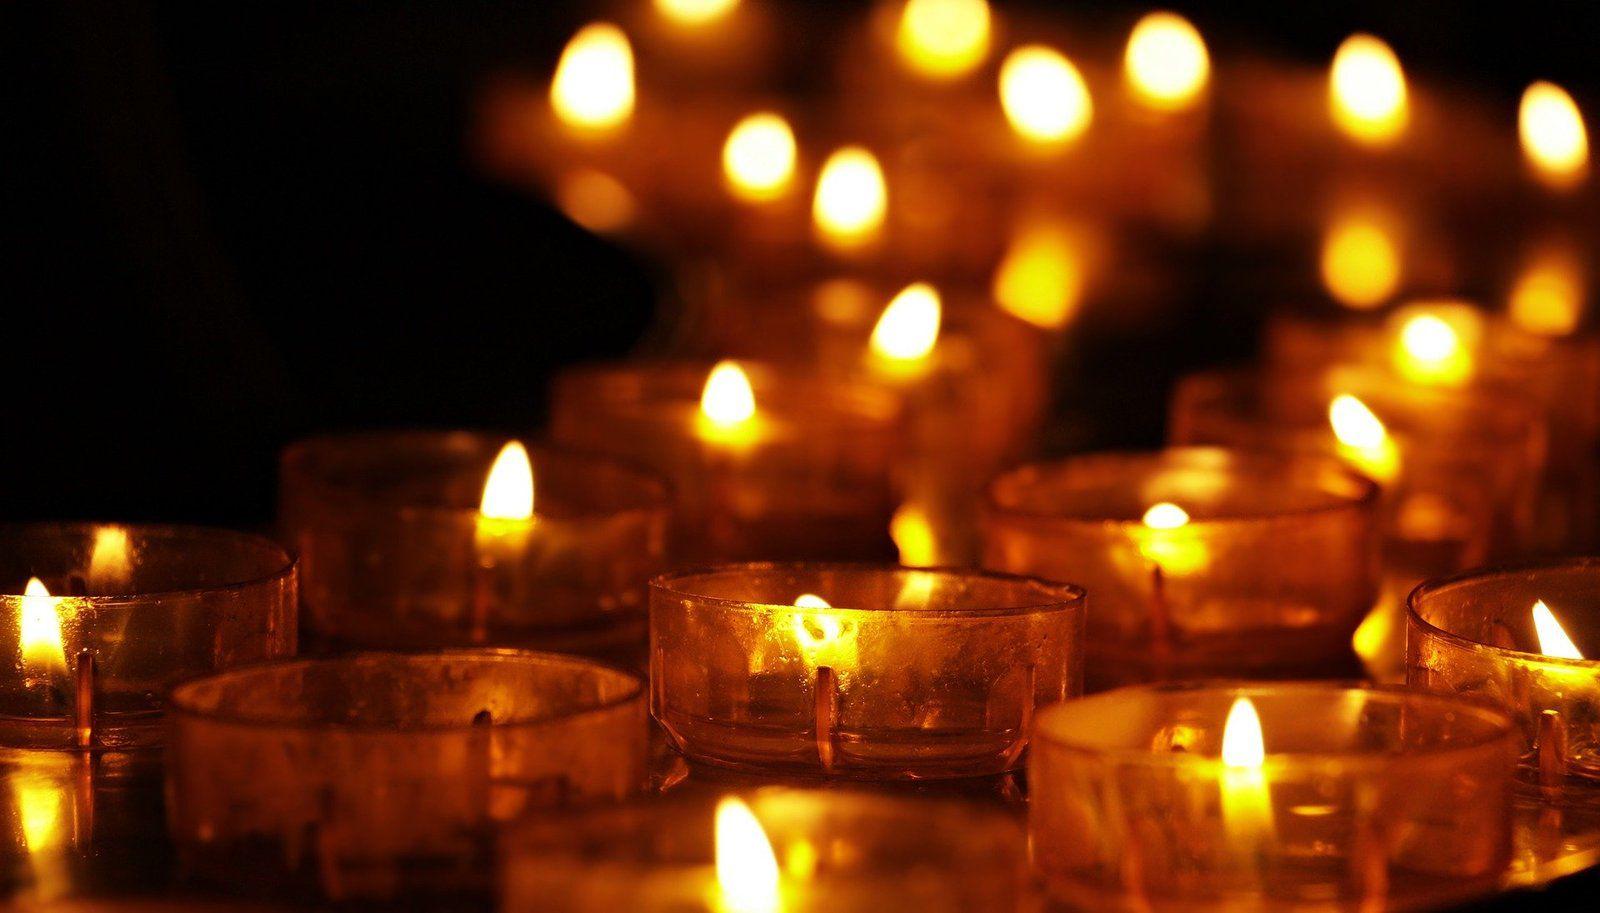 Covid-19. A Luchon, comme partout en France, les cloches de Notre Dame de l'Assomption vont sonner 10 minutes à 19h30